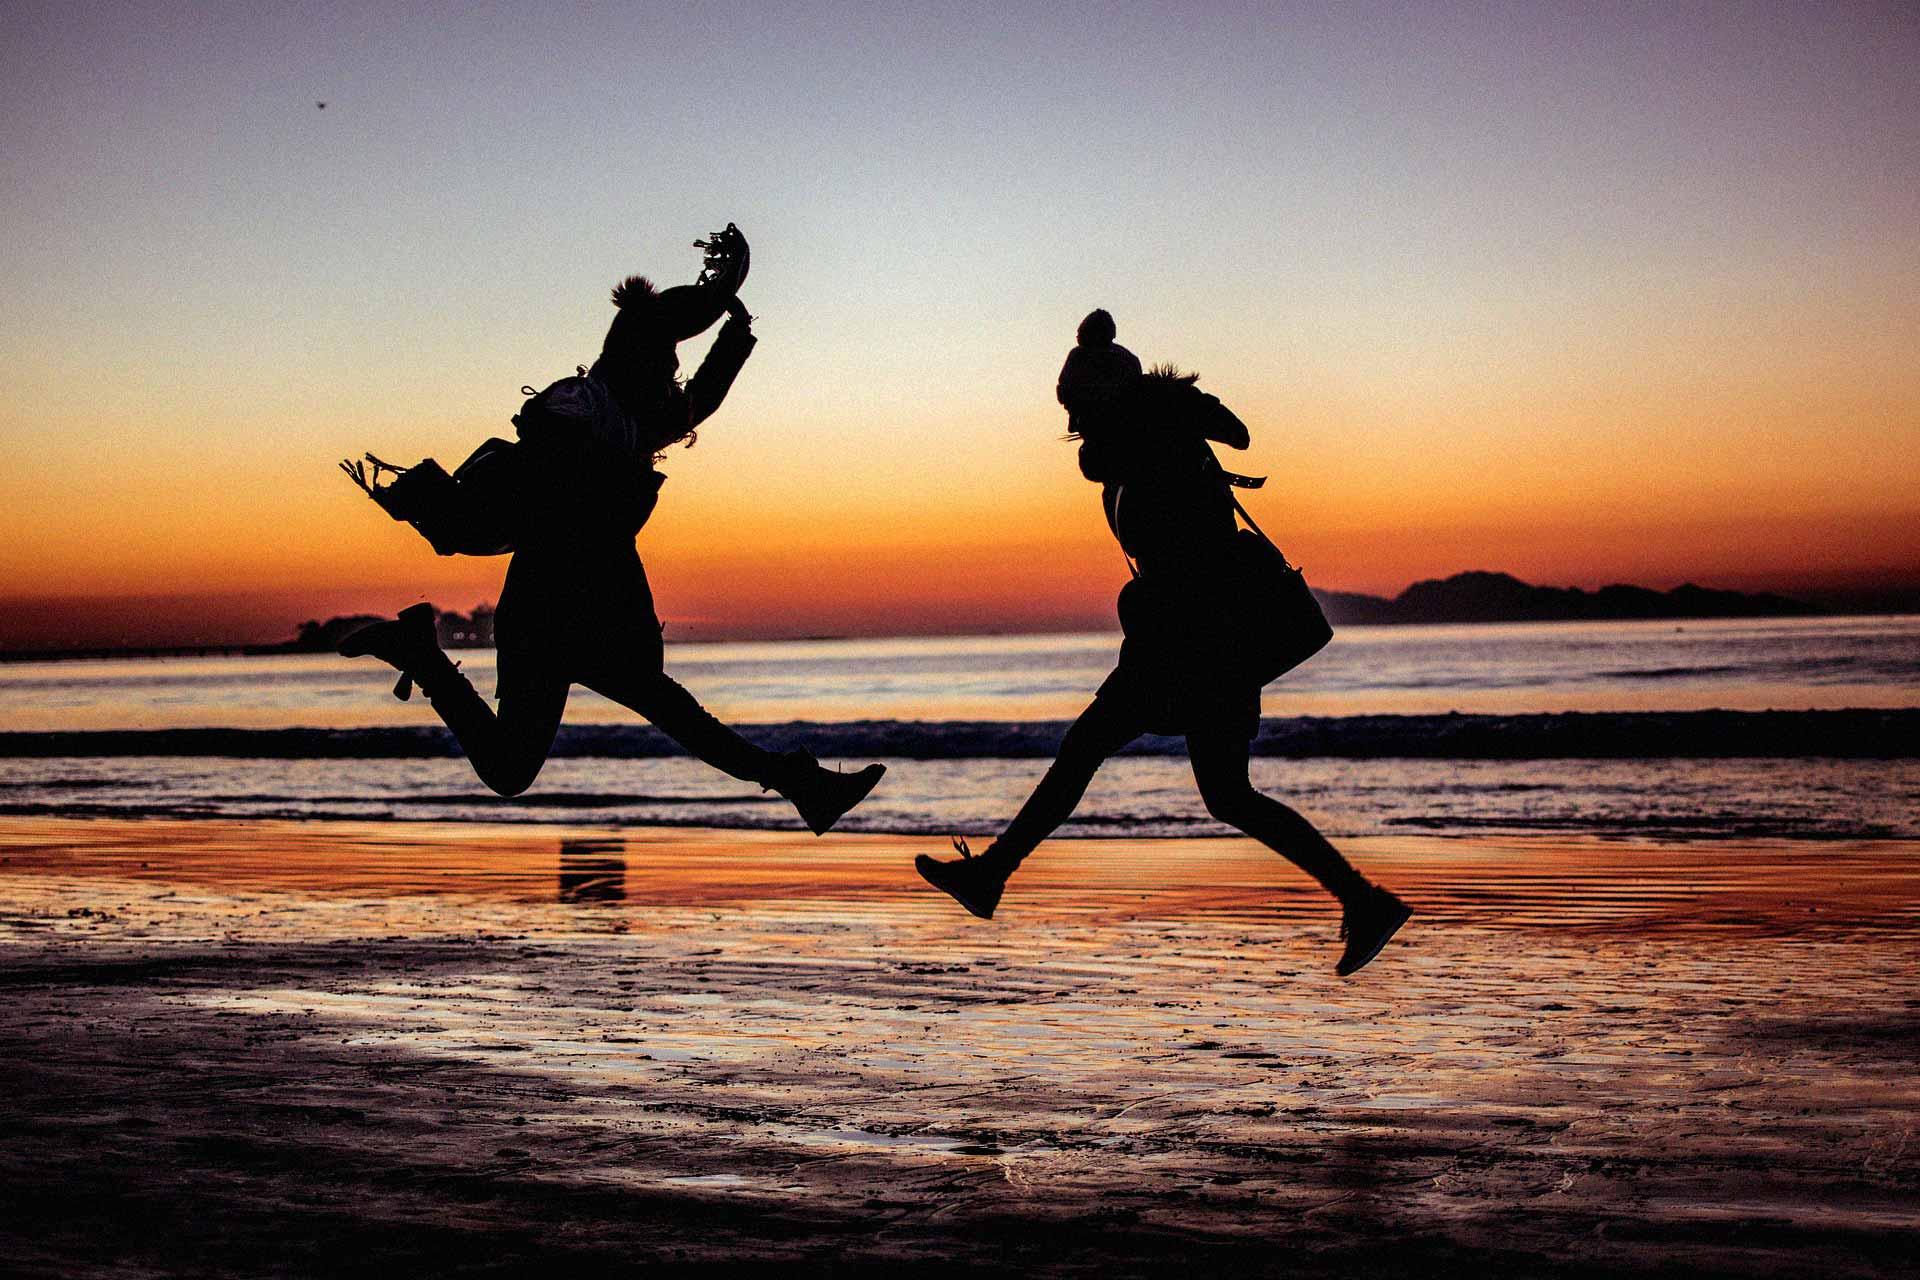 Freunde springen in die Luft mit dem Sonnenuntergang im Hintergrund